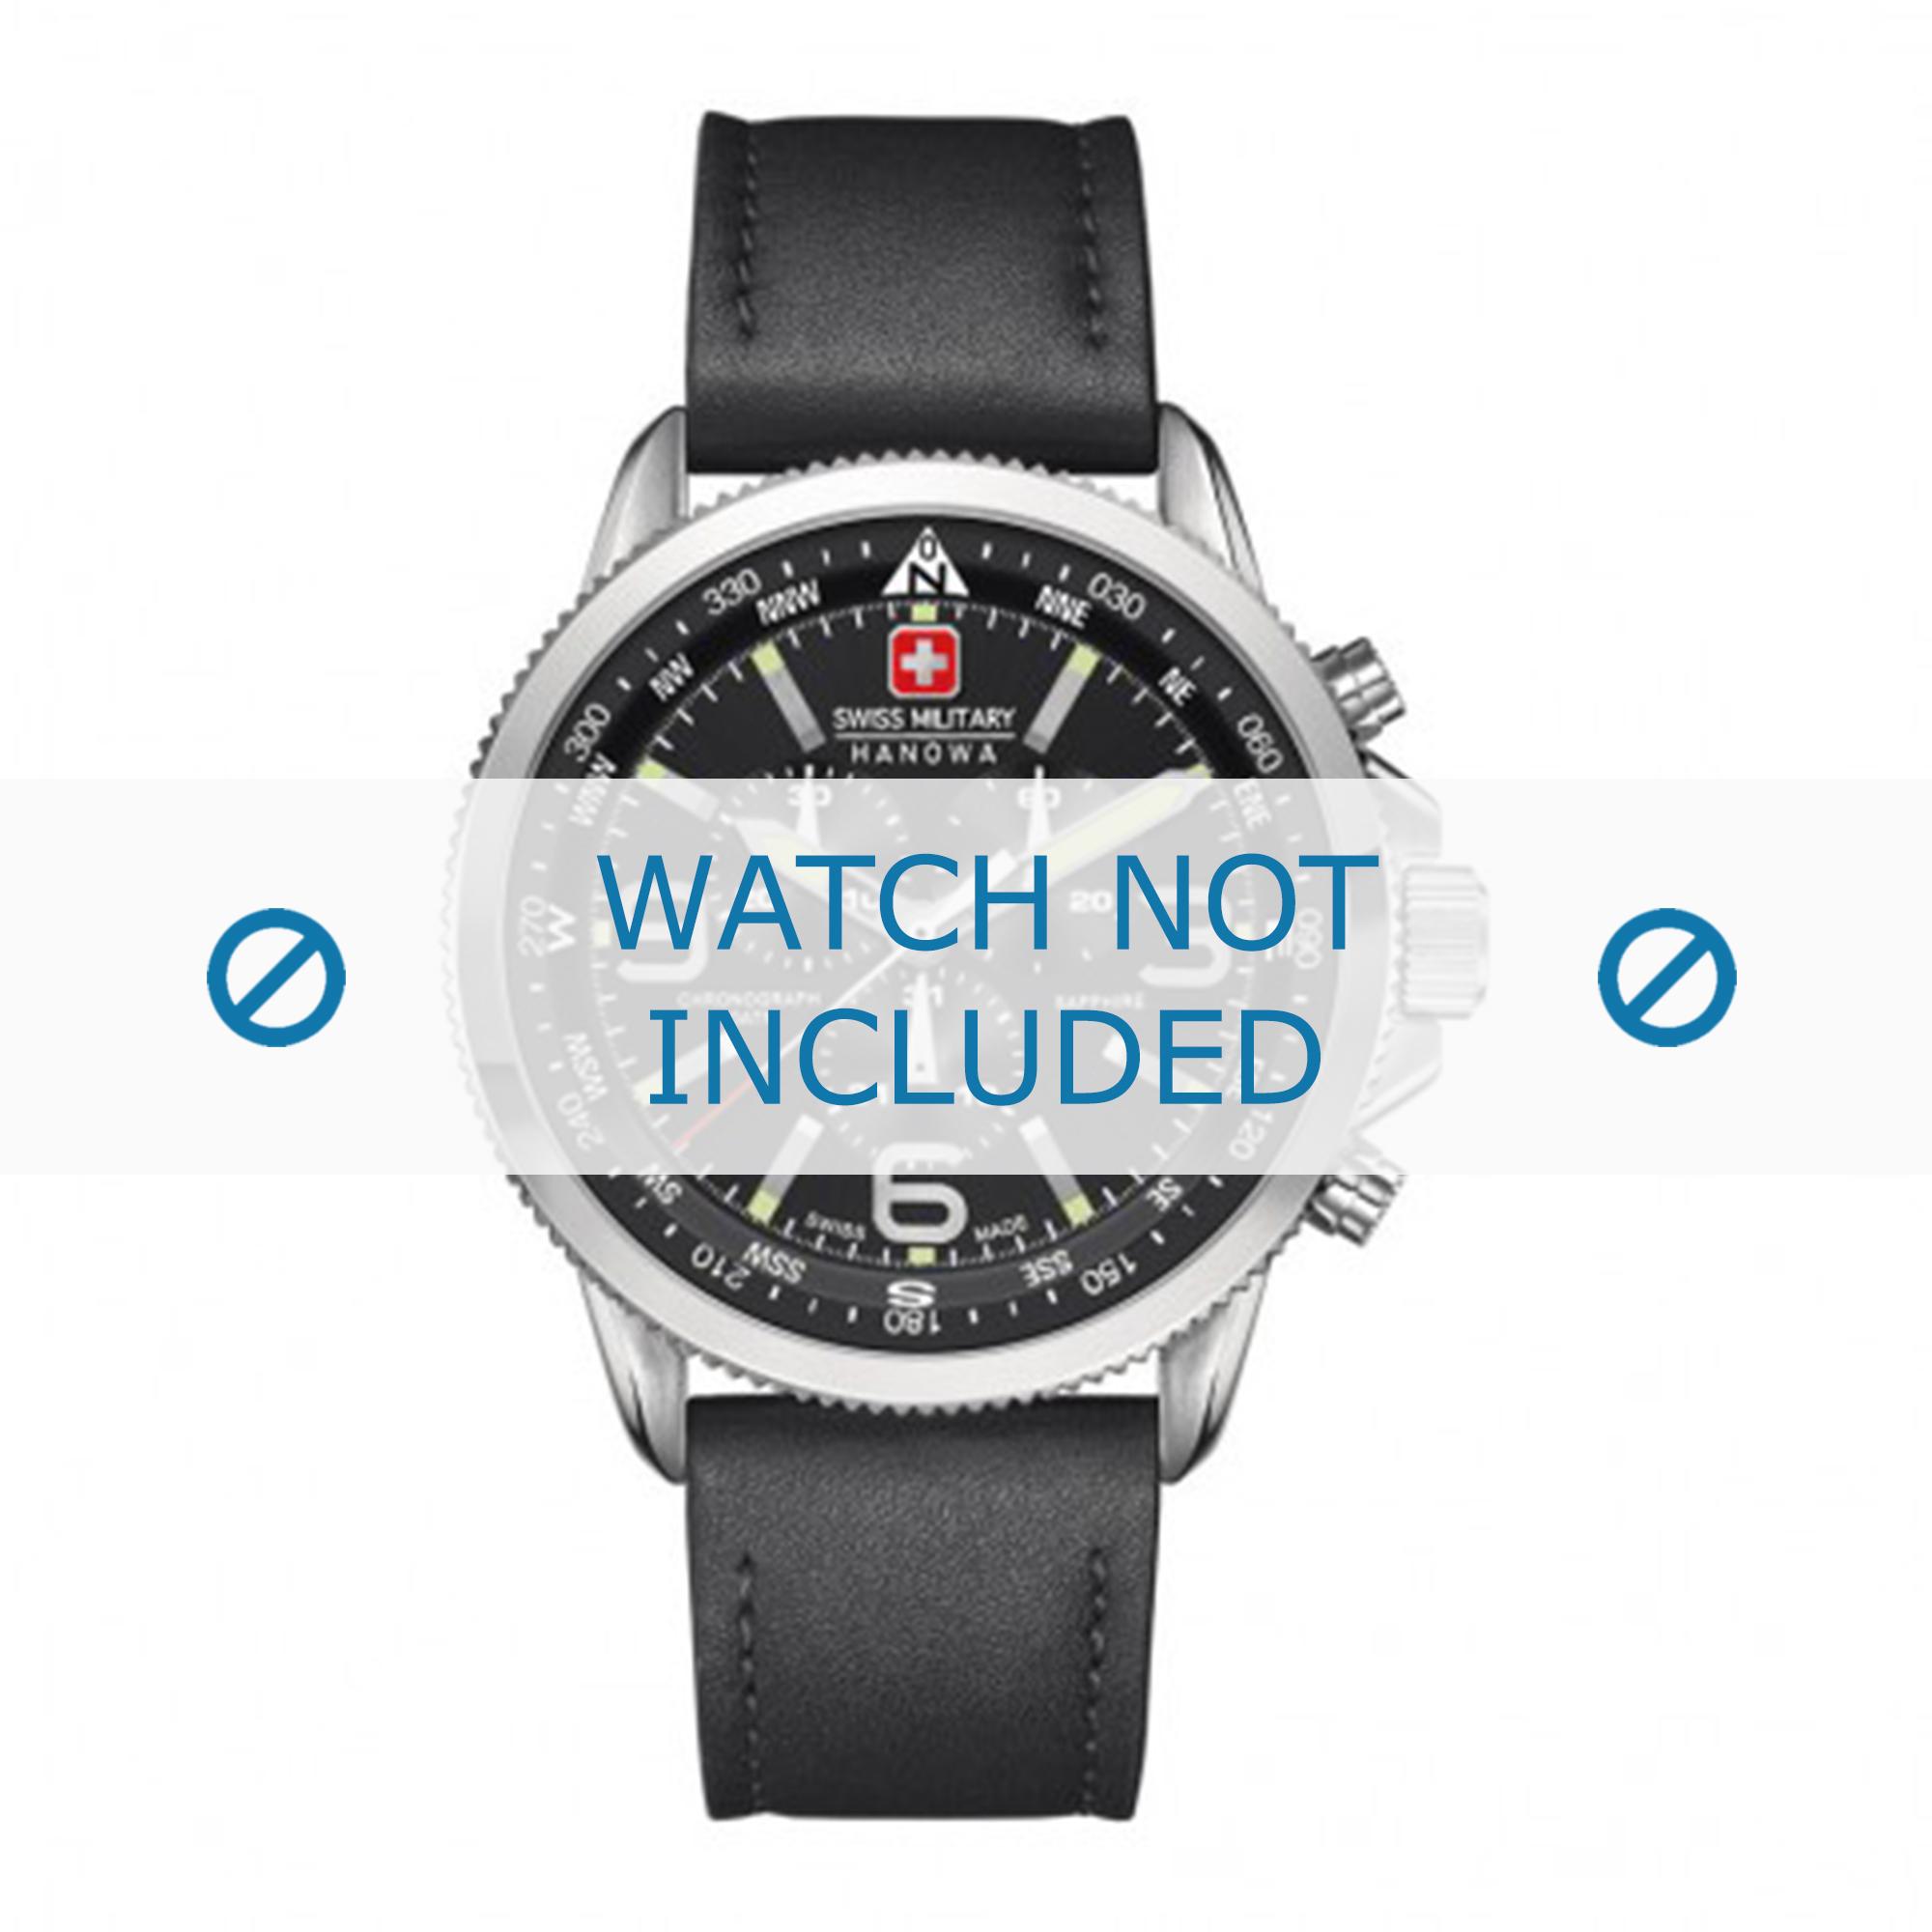 Swiss Military Hanowa horlogeband 06-4224.04.007 Leder Zwart 22mm + zwart stiksel